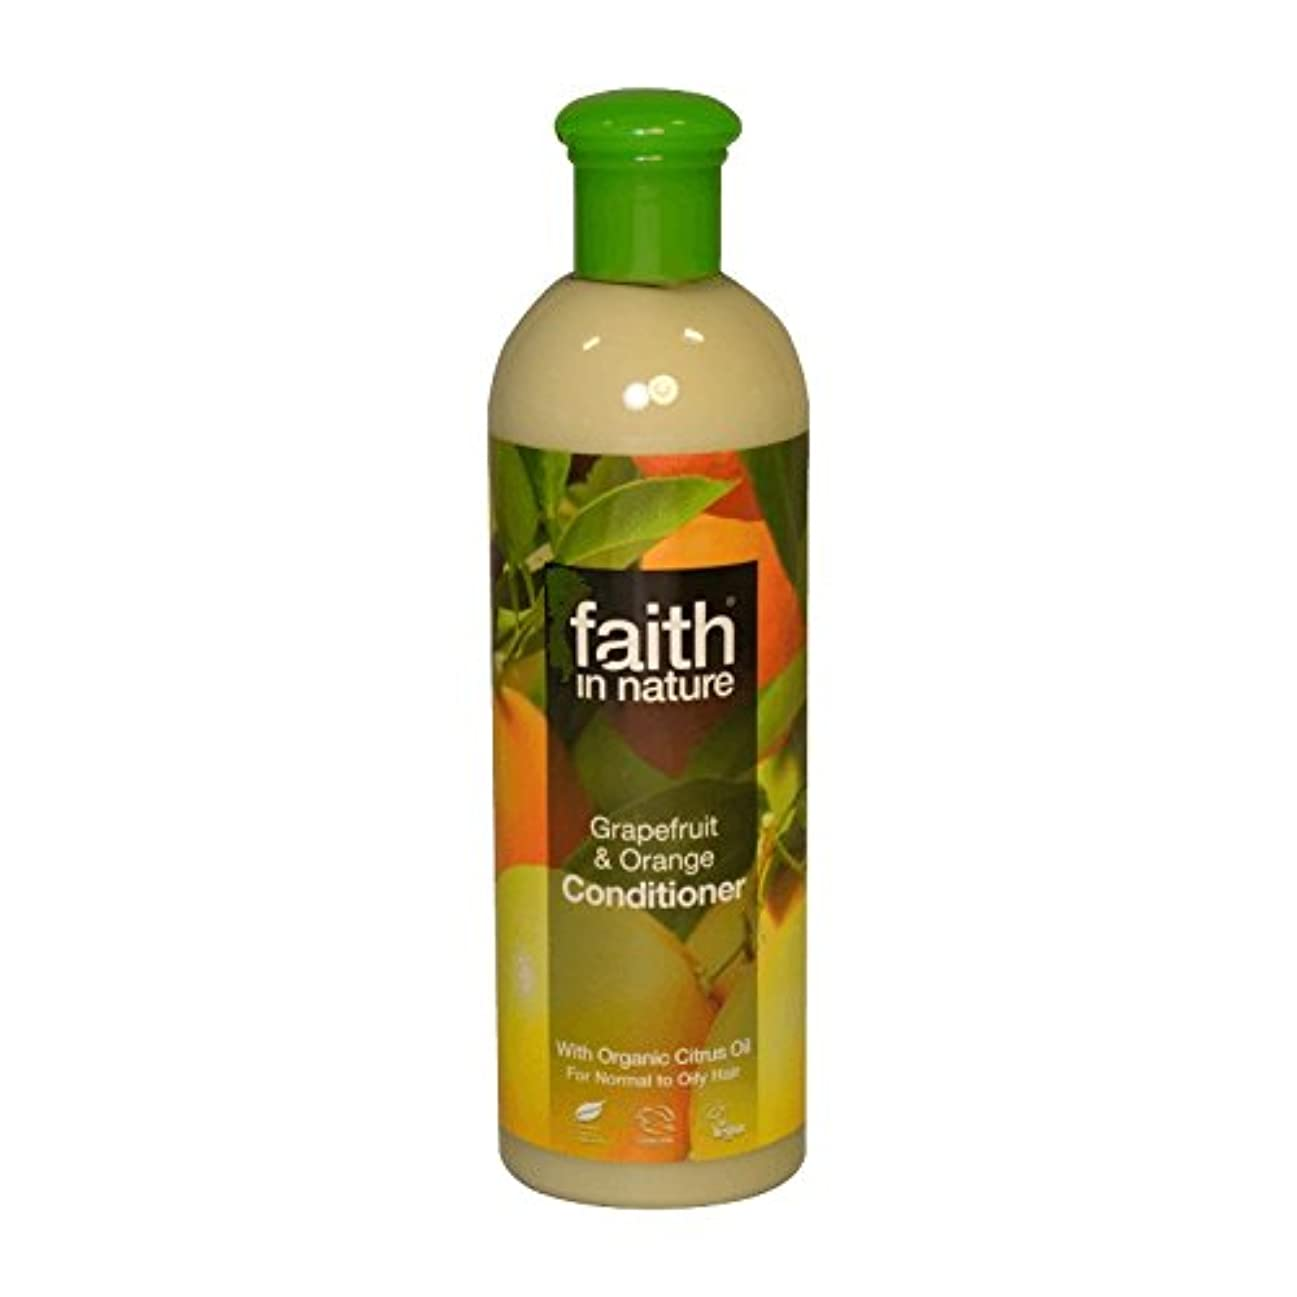 請求可能弾薬保険をかけるFaith in Nature Grapefruit & Orange Conditioner 400ml (Pack of 2) - 自然グレープフルーツ&オレンジコンディショナー400ミリリットルの信仰 (x2) [...